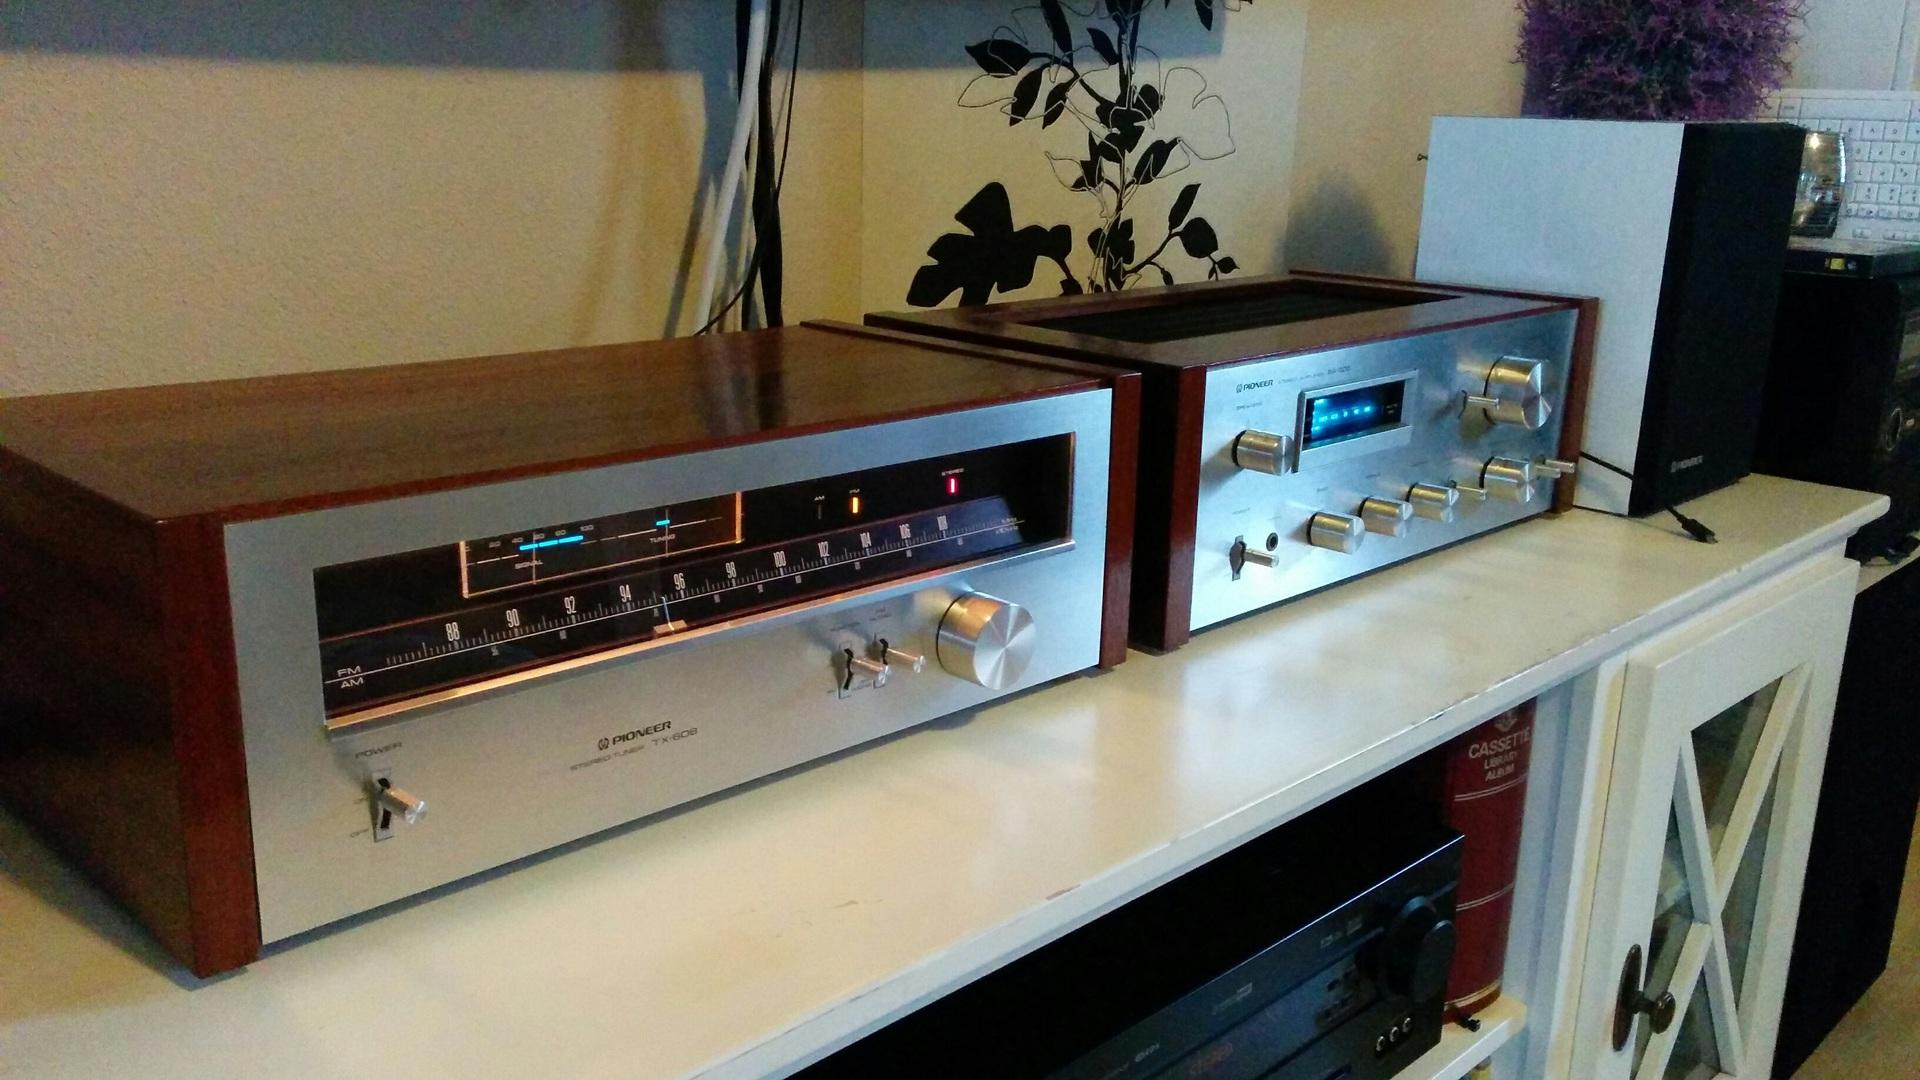 pioneer sa 508 pioneer tx 608 hifiklassiker pioneer sa508 stereo tuner tx608 verst rker. Black Bedroom Furniture Sets. Home Design Ideas